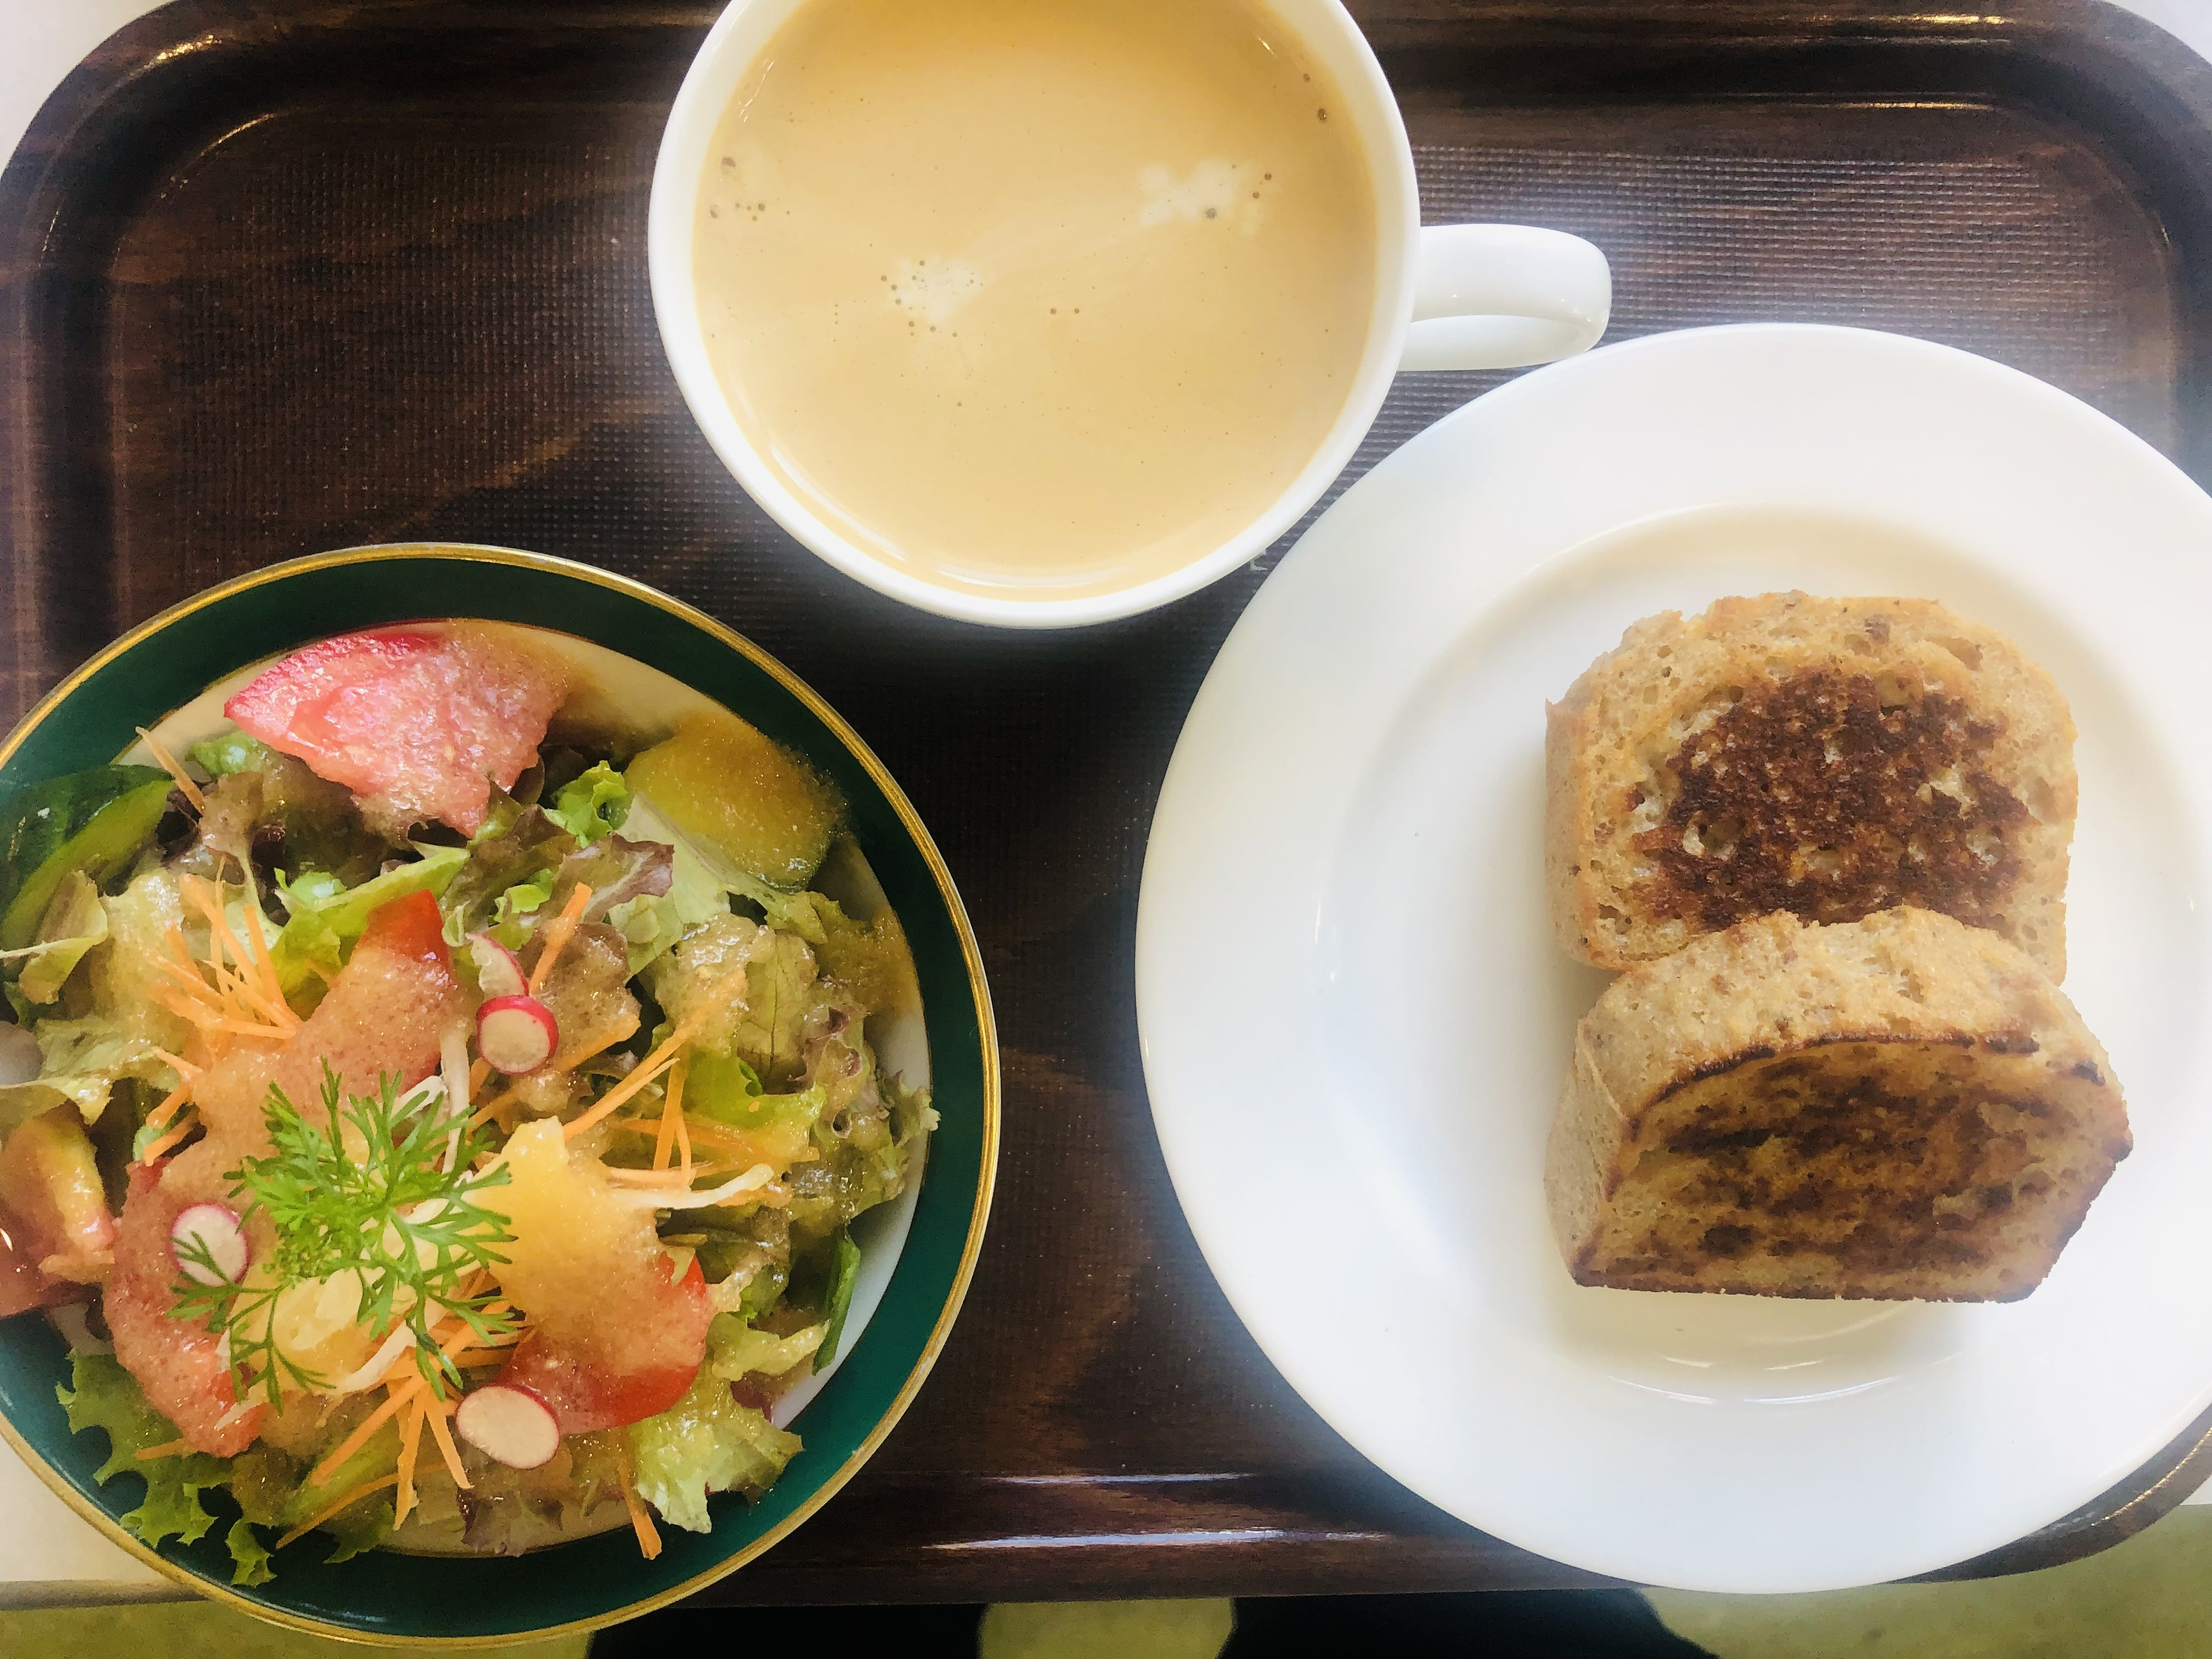 フレンチトーストセット、サラダ、飲み物付き(オーガニックコーヒー、紅茶、ミネラル甘酒の中からおえらびください)のイメージその1